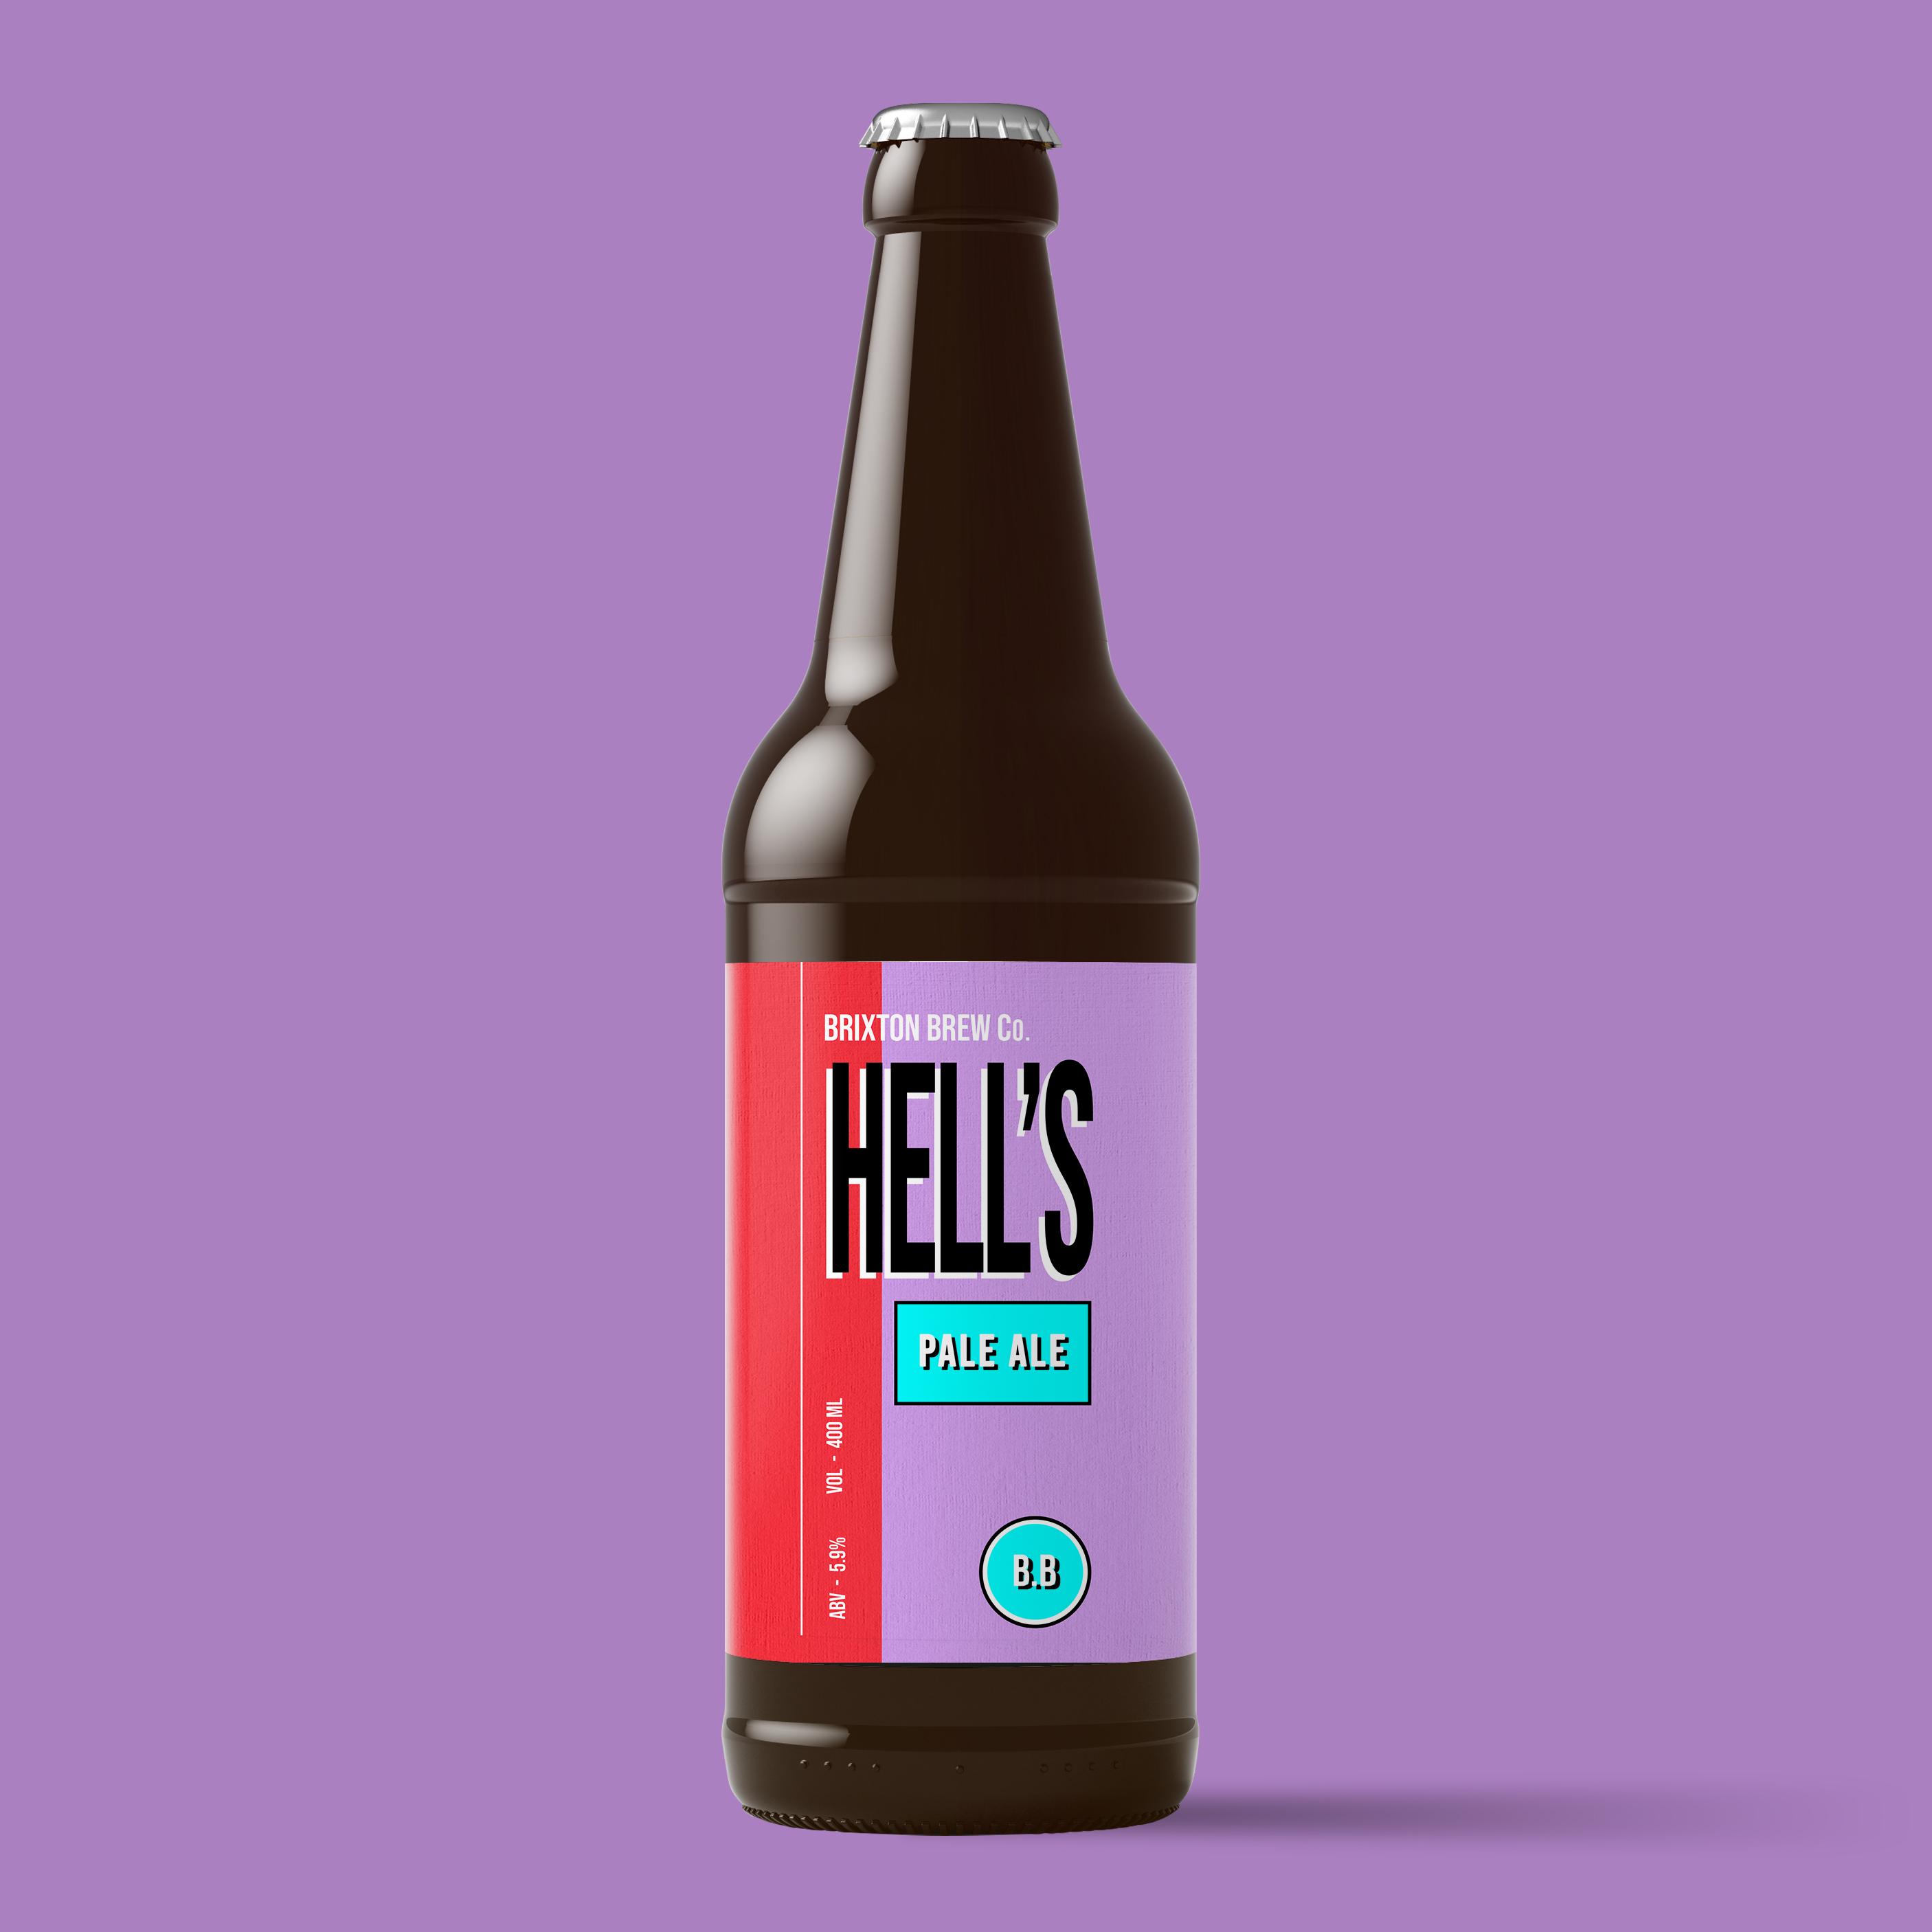 hells pale ale label